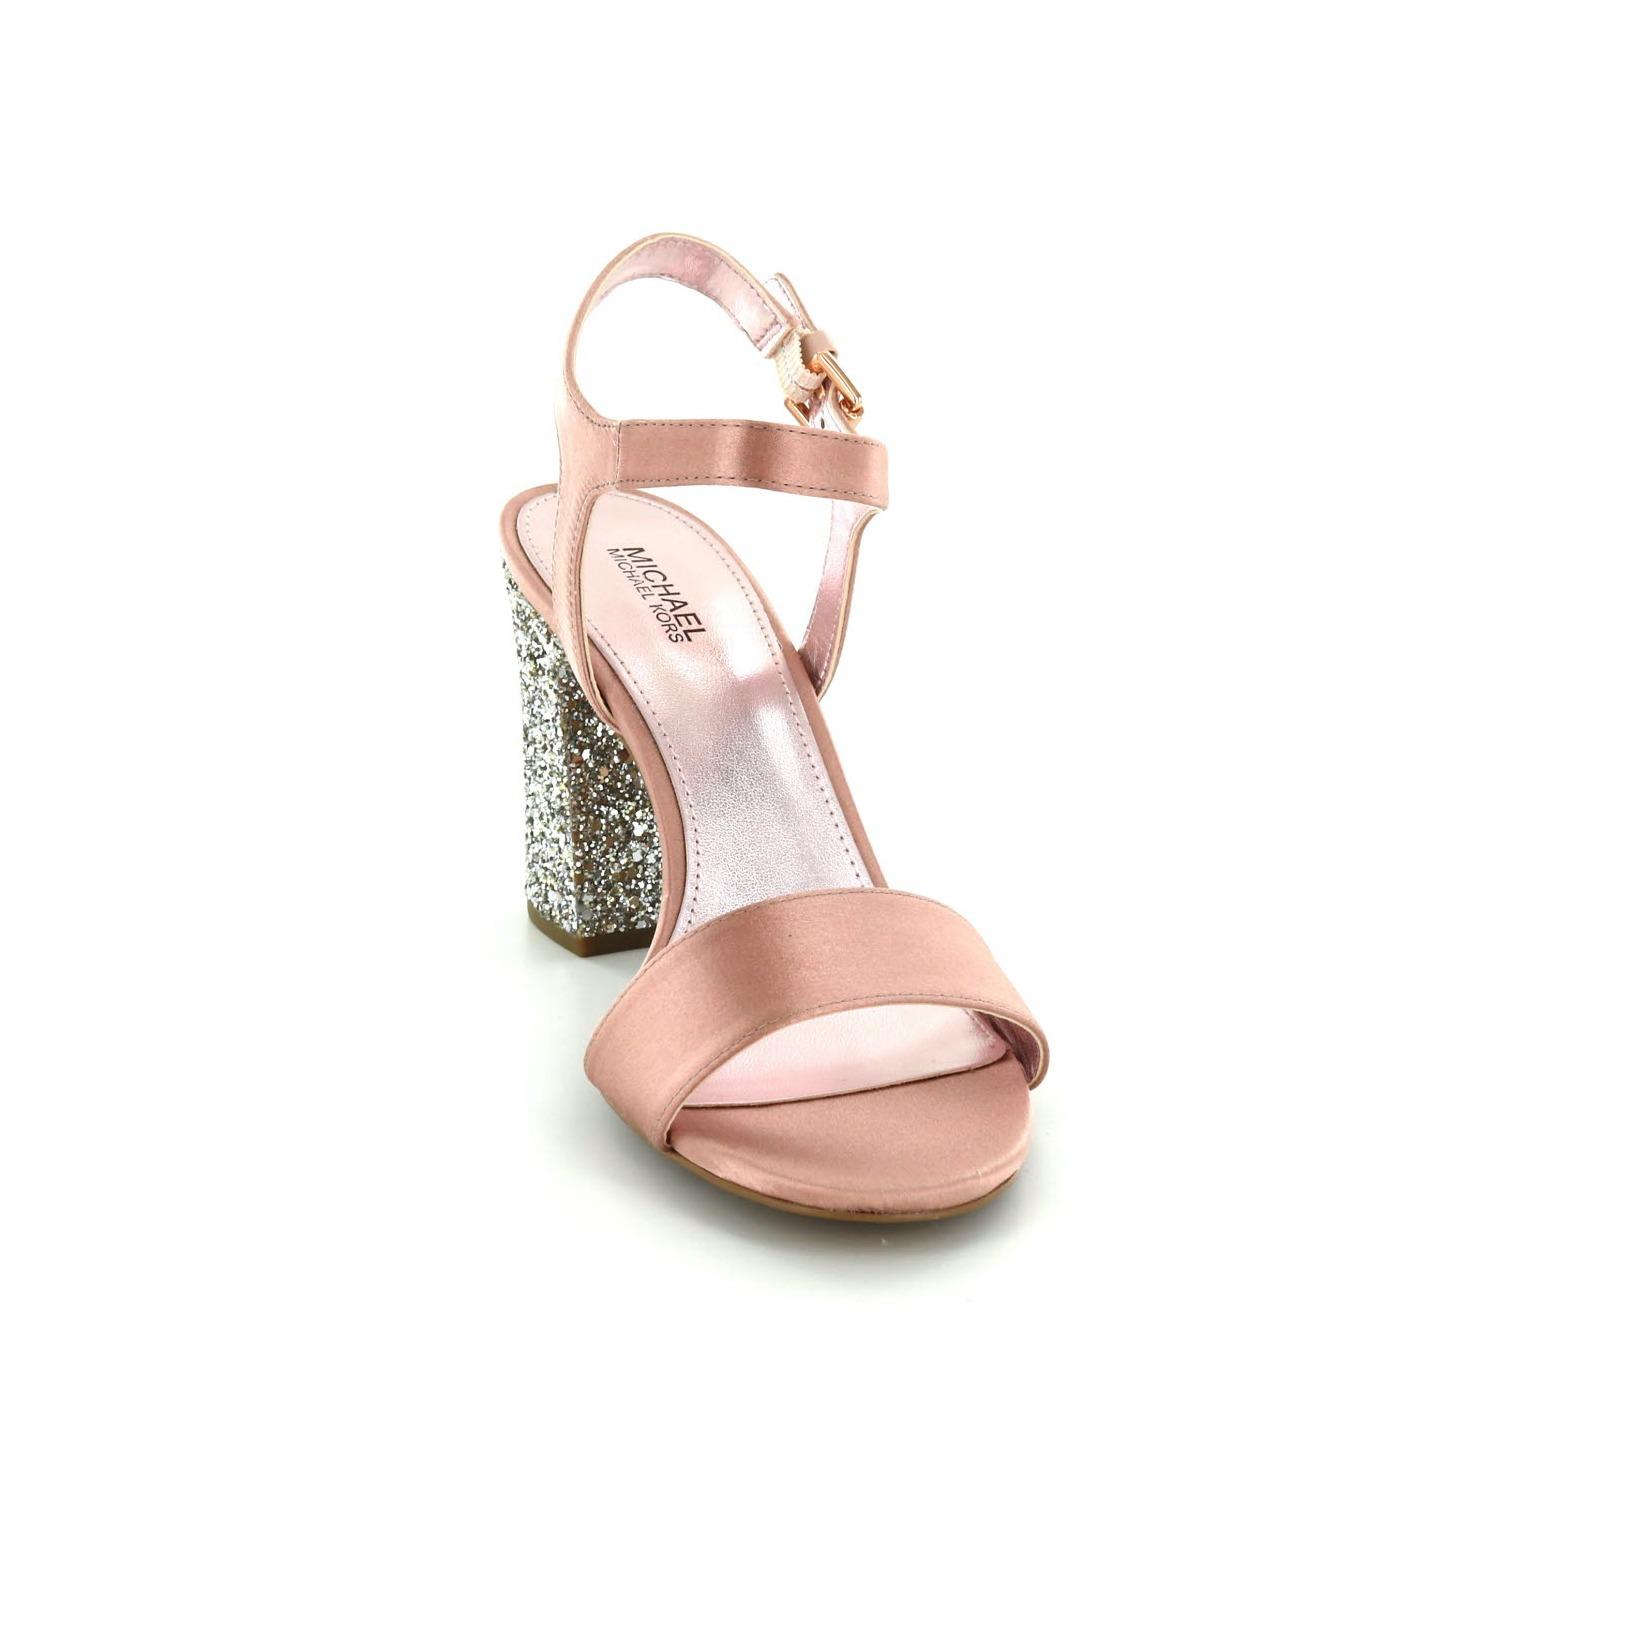 Yhj0LBn69L / Sandalen, roze